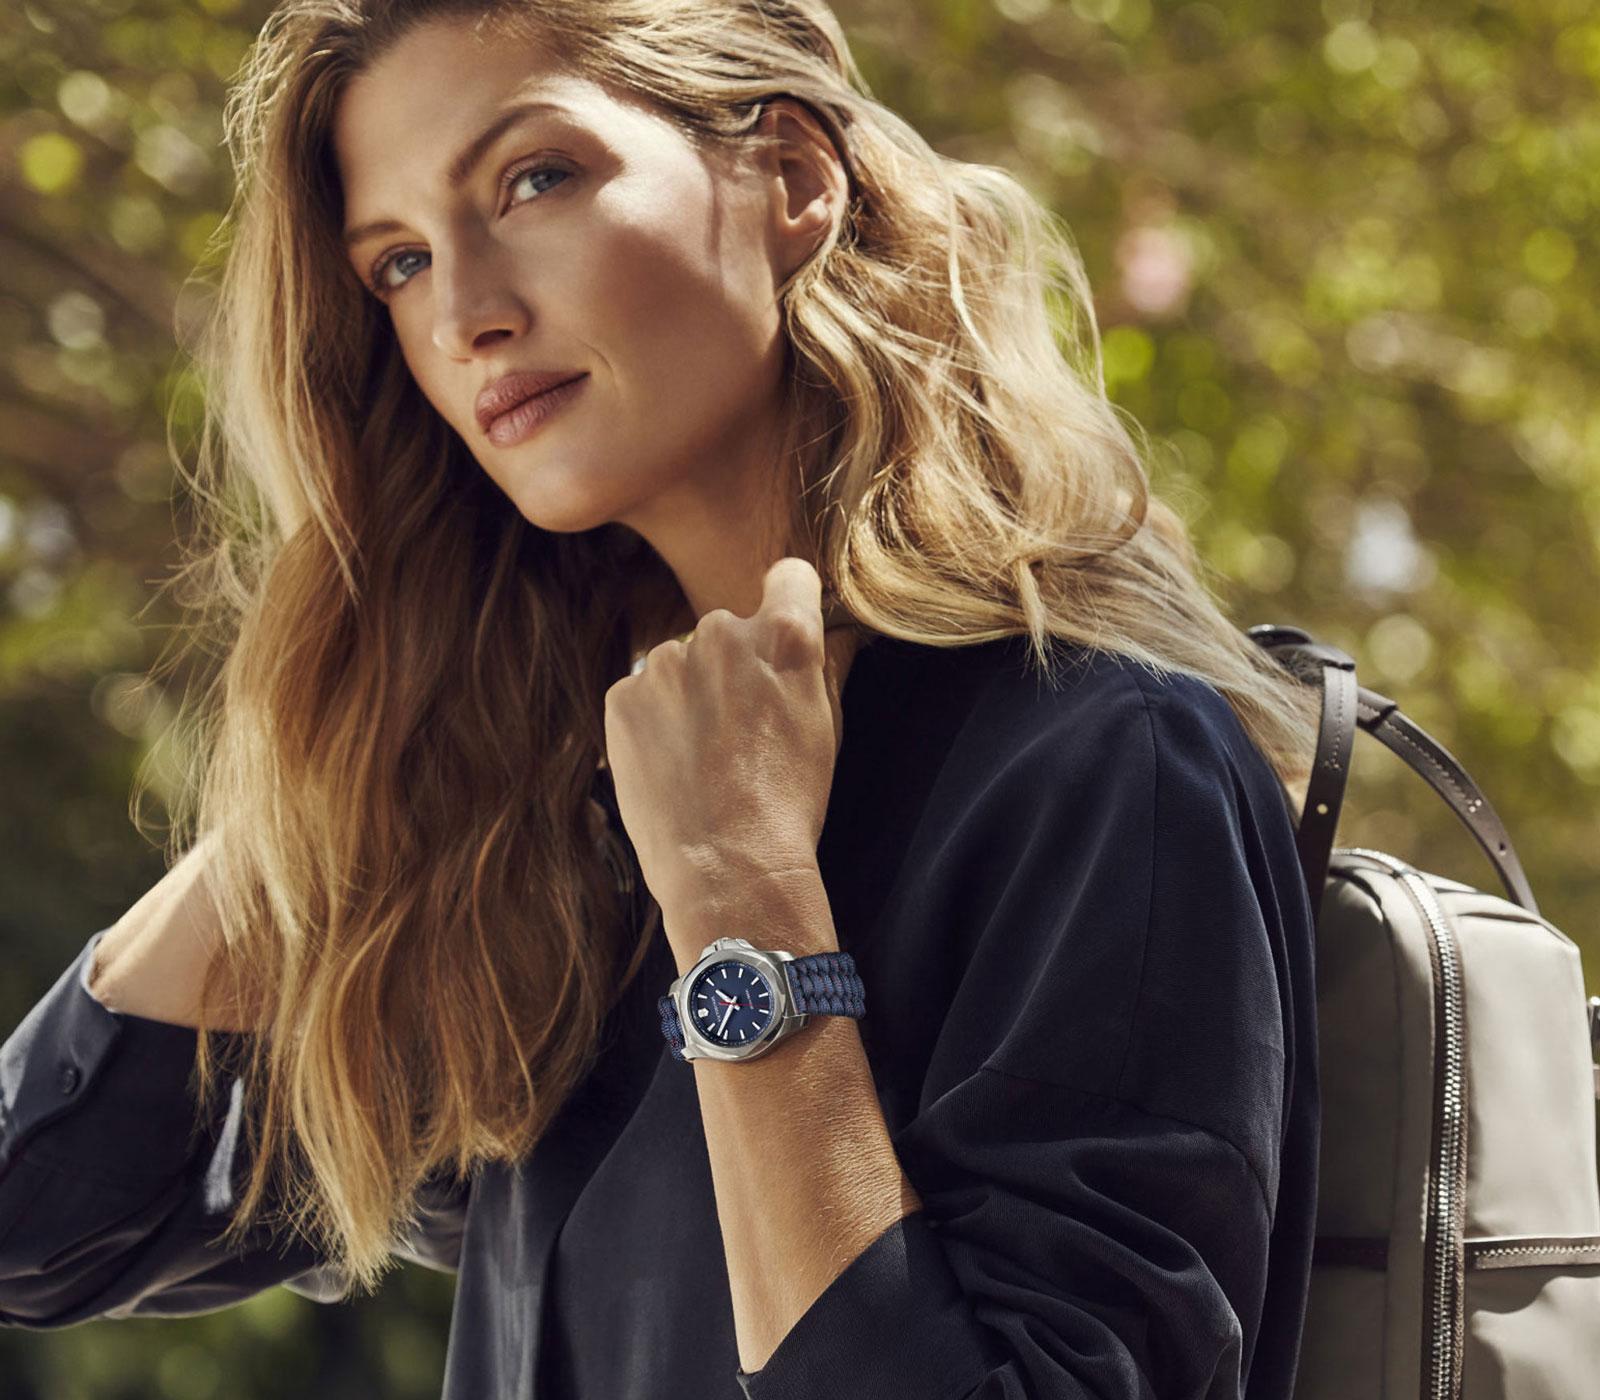 Un orologio moderno, delicato e equilibrato anche su esili polsi